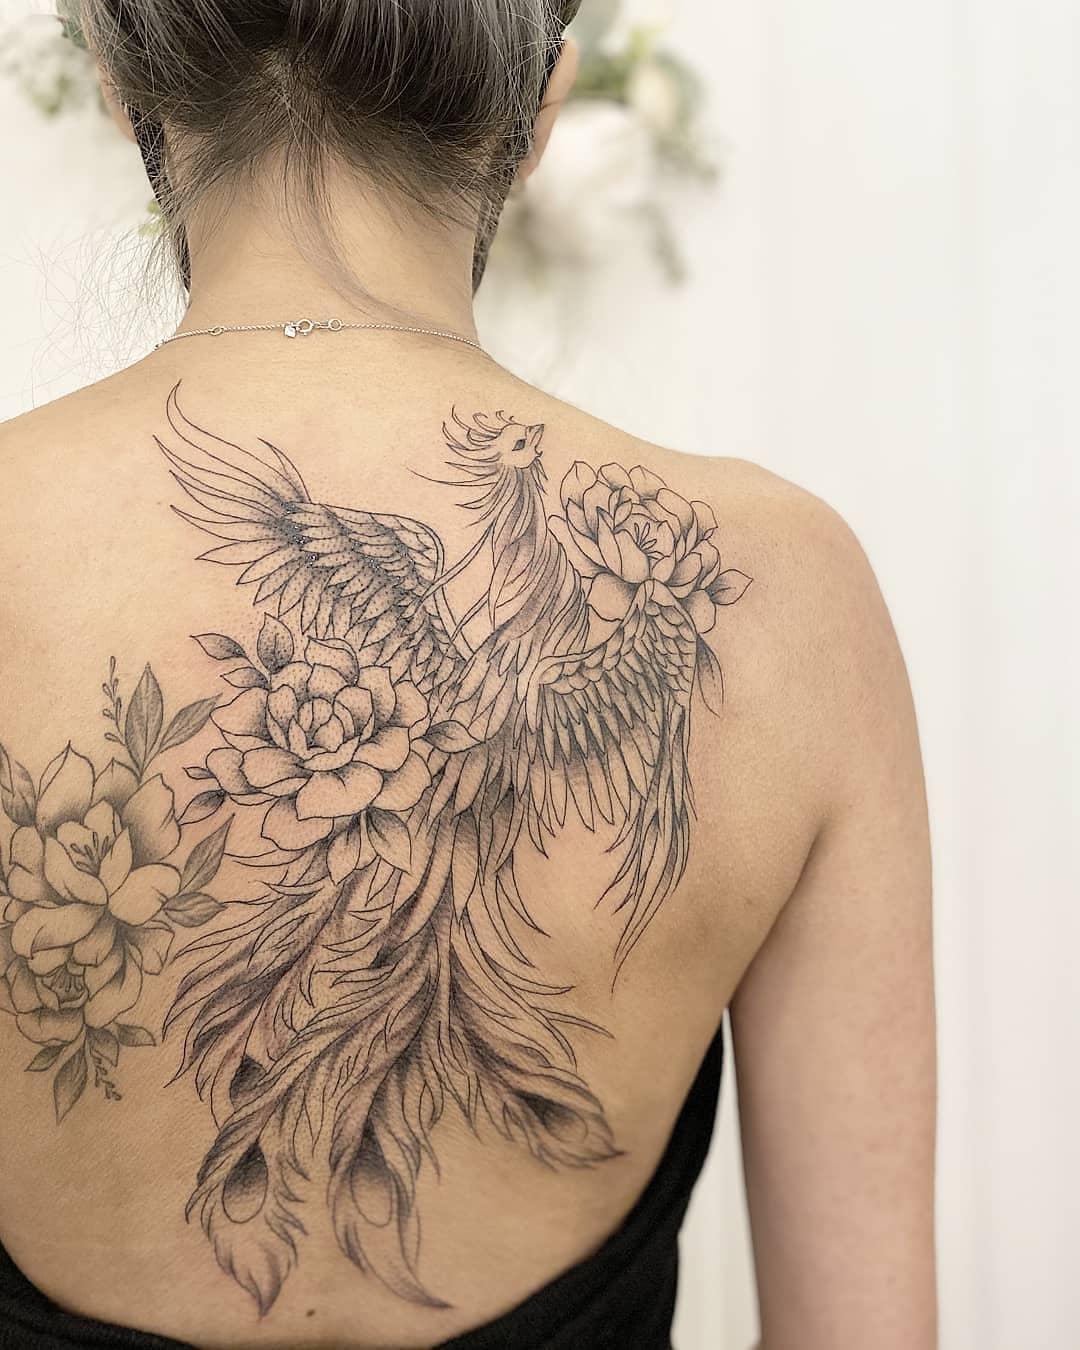 jamie-kan-tattoo-phoenix